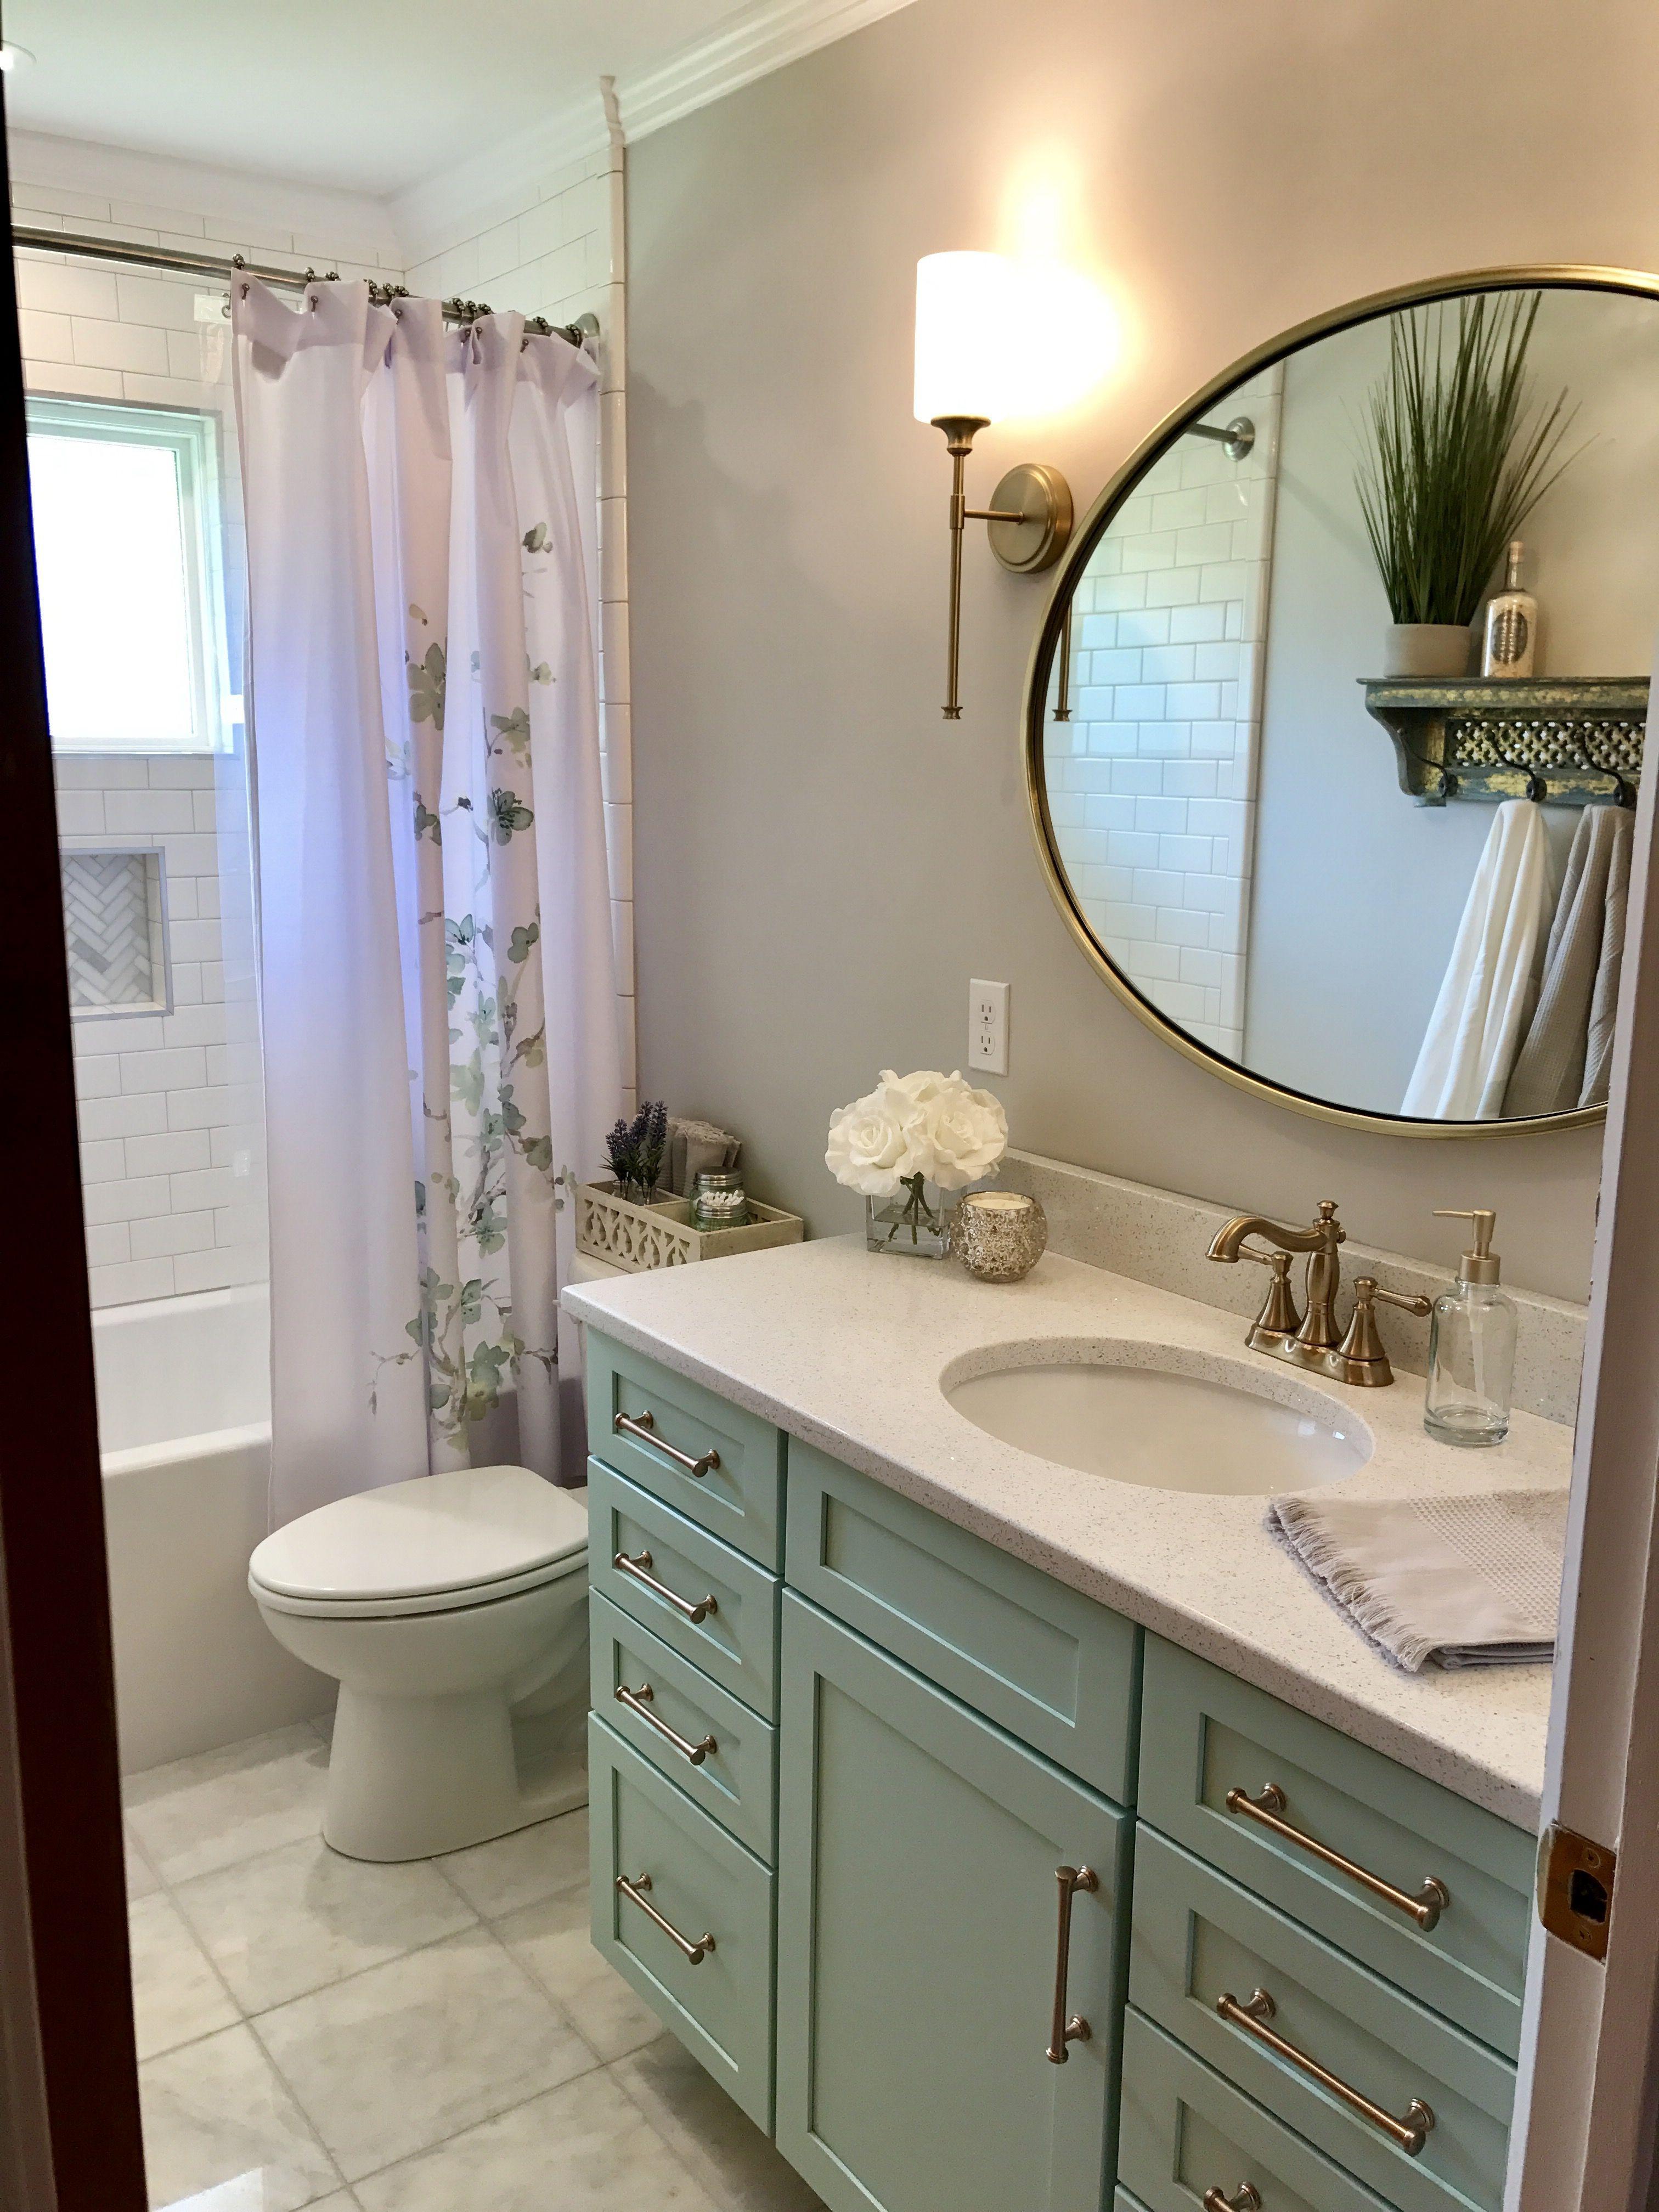 23 Vanities Bathroom Ideas To Get Your Best Seafoam Bathroom Seafoam Green Bathroom Green Bathroom